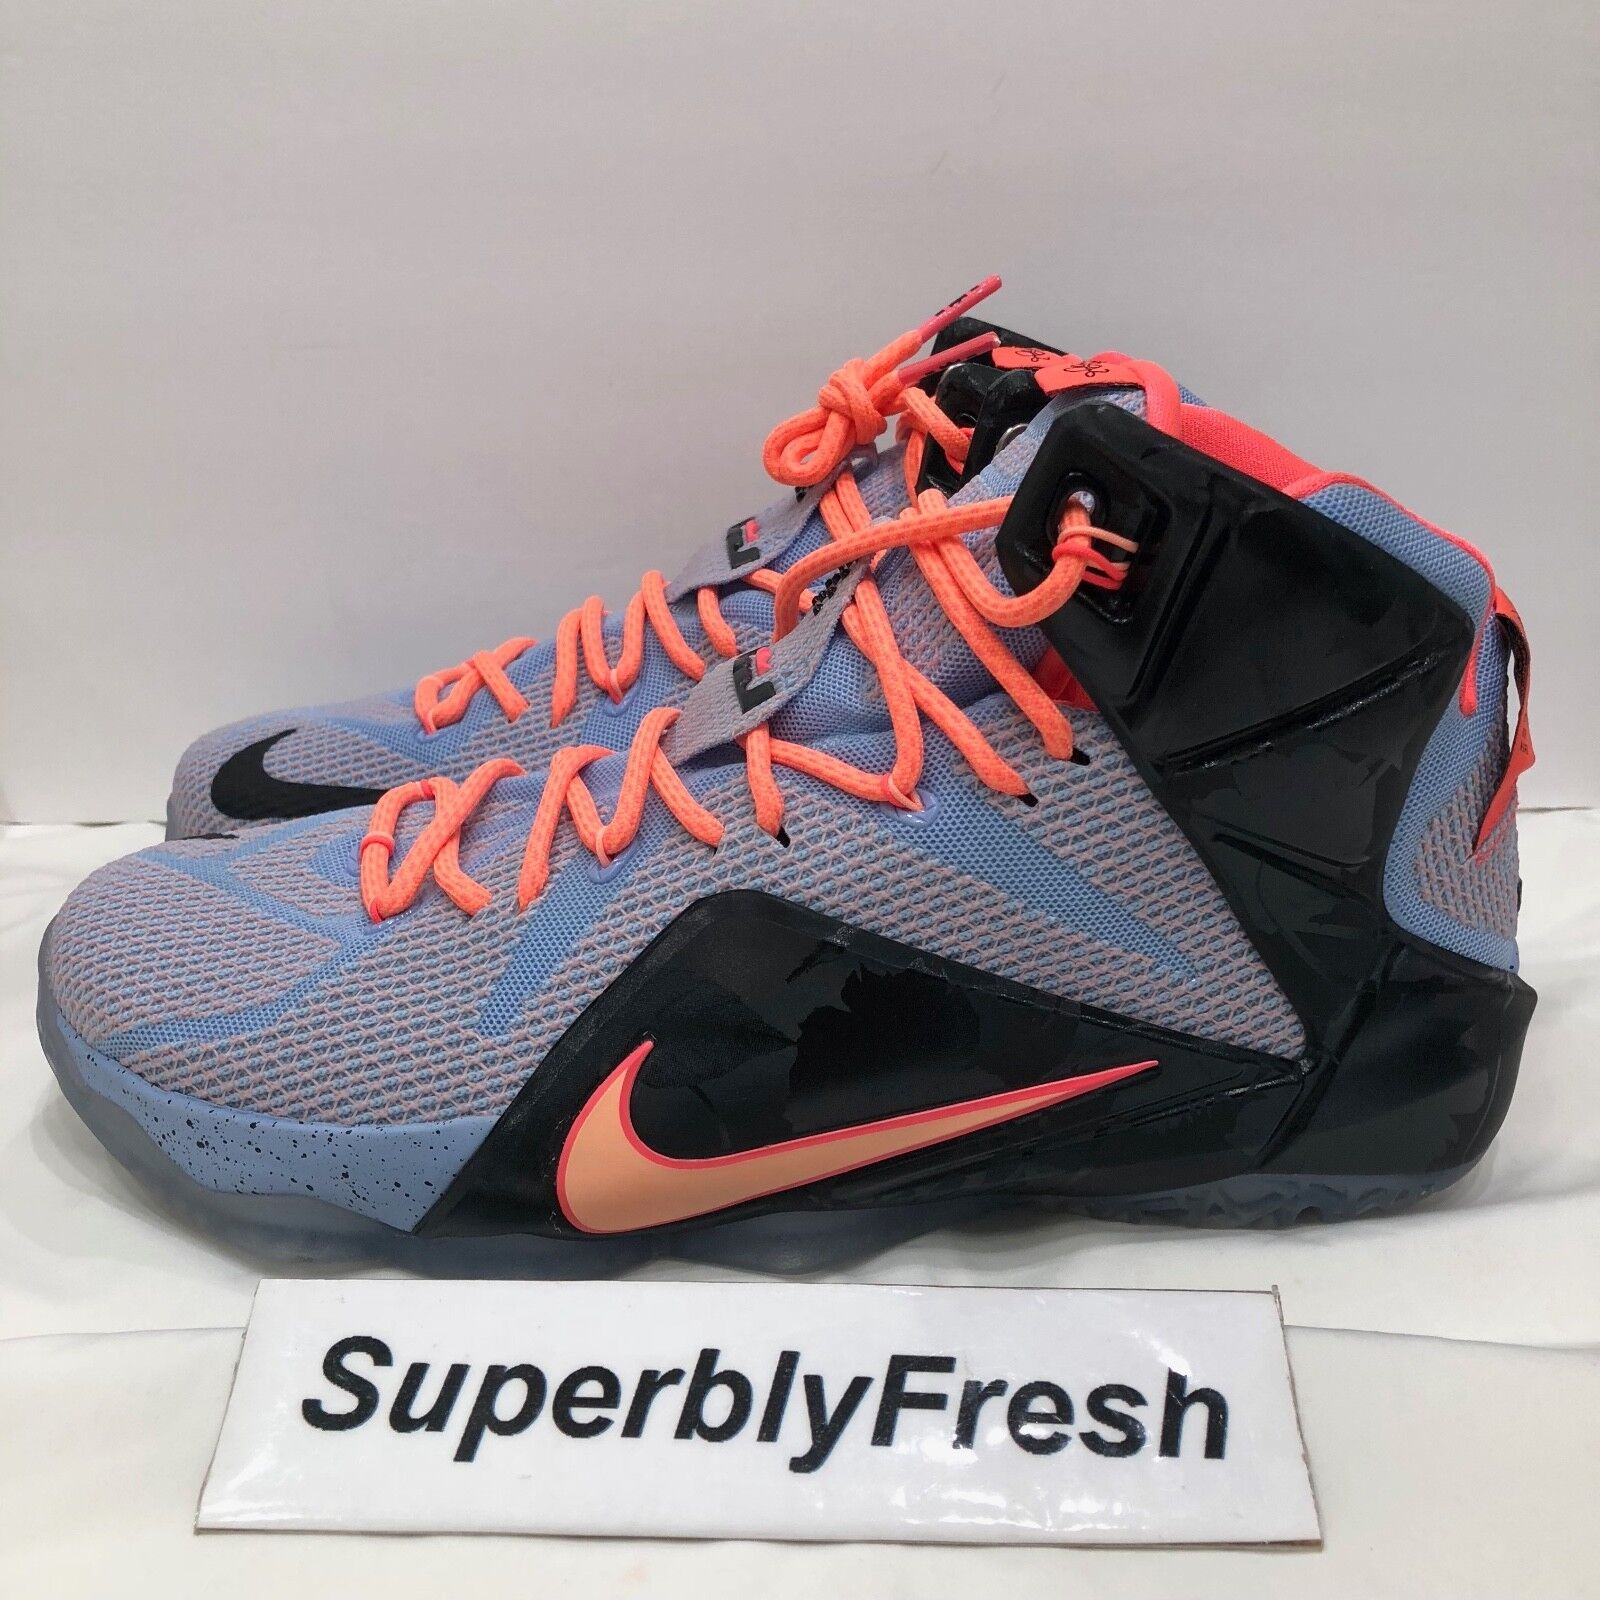 Nueva 2018 nike LeBron James baloncesto XII hombres zapatos de baloncesto James 684593-488 reducción de precio c749df